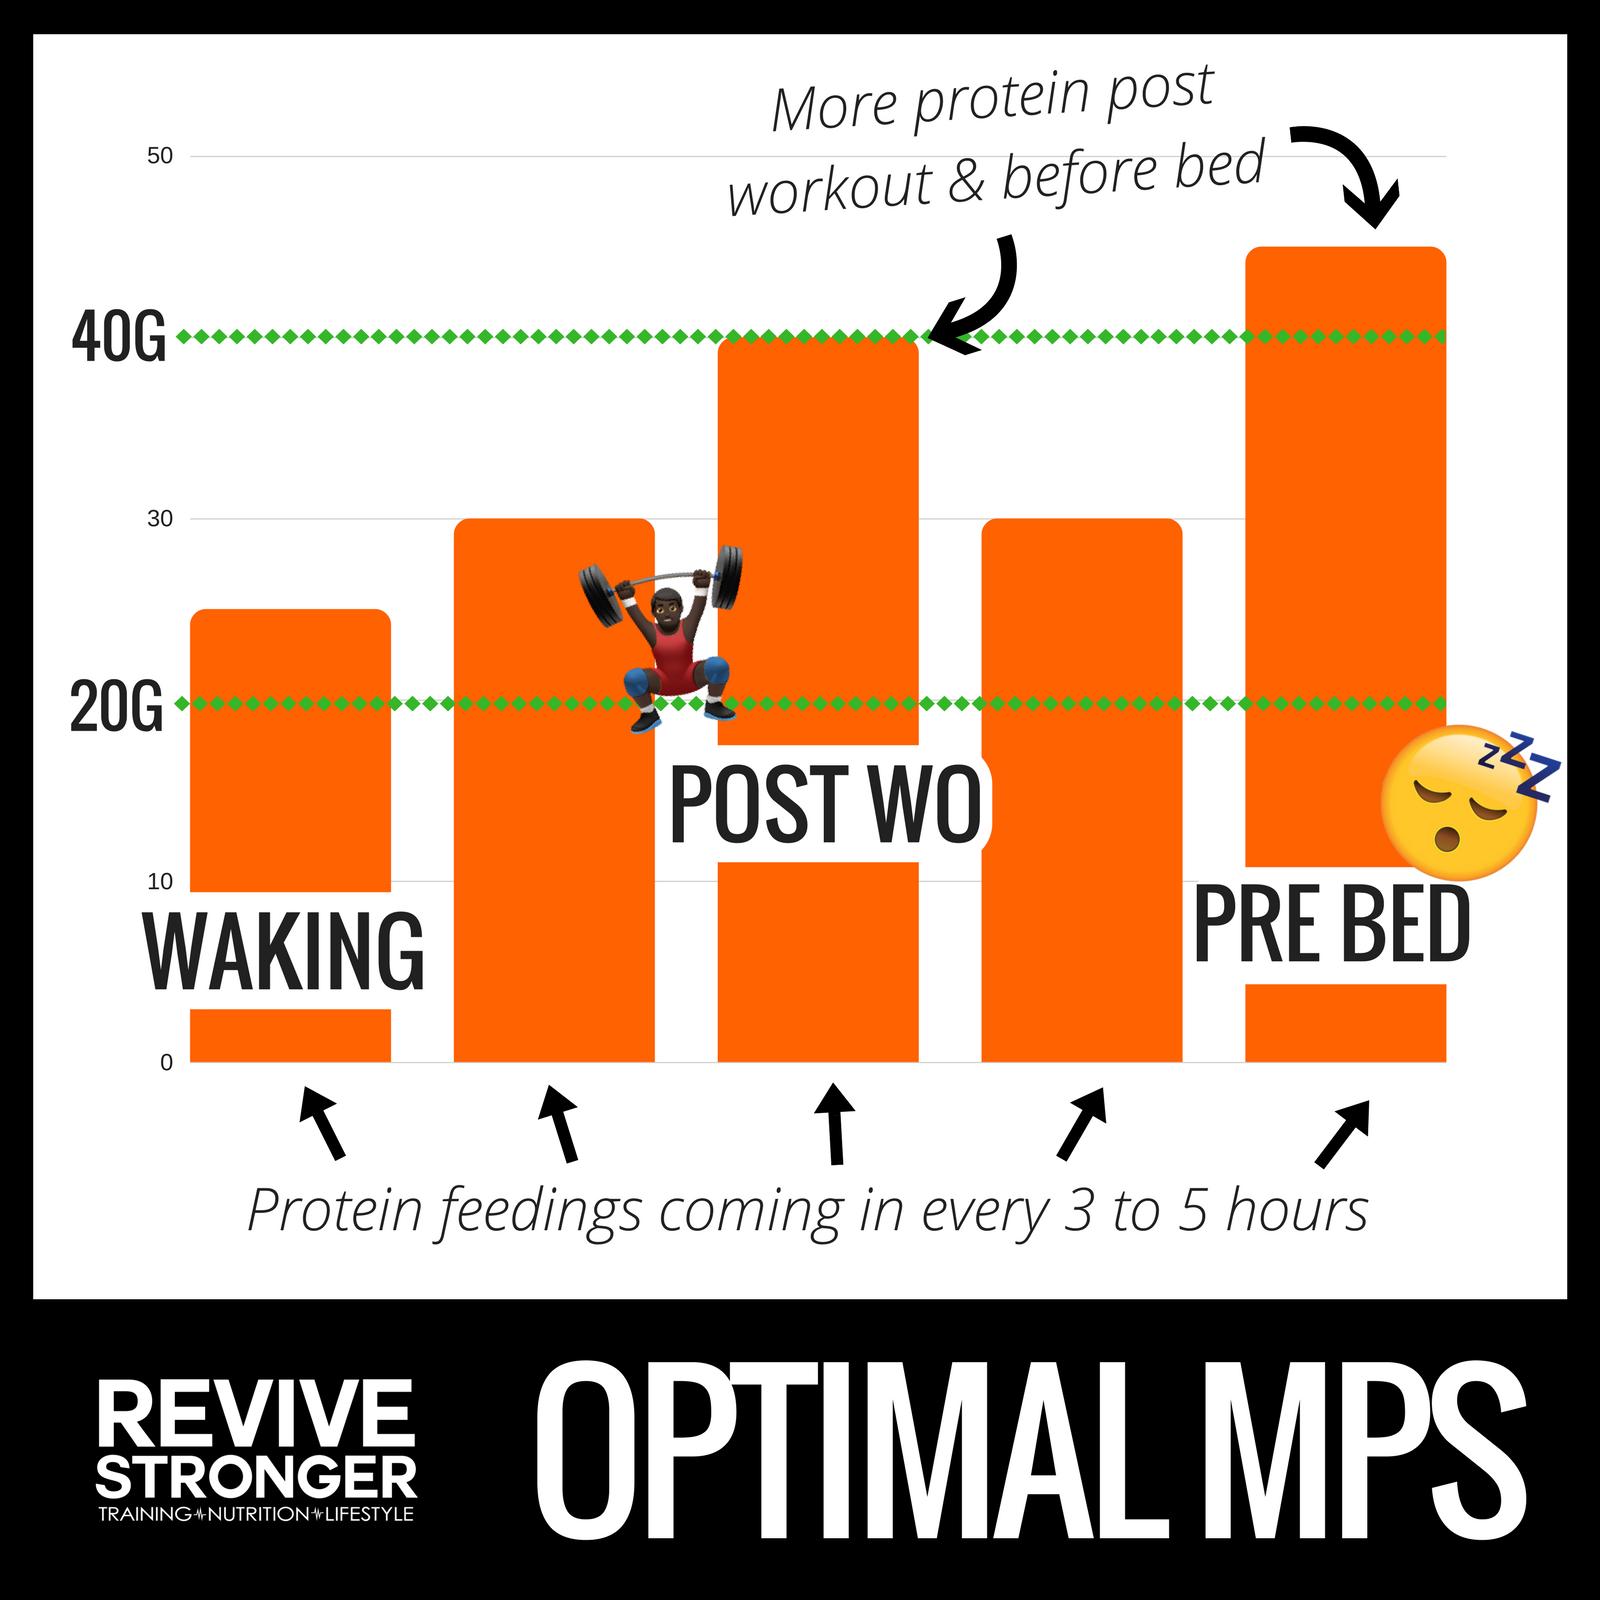 Optimal MPS